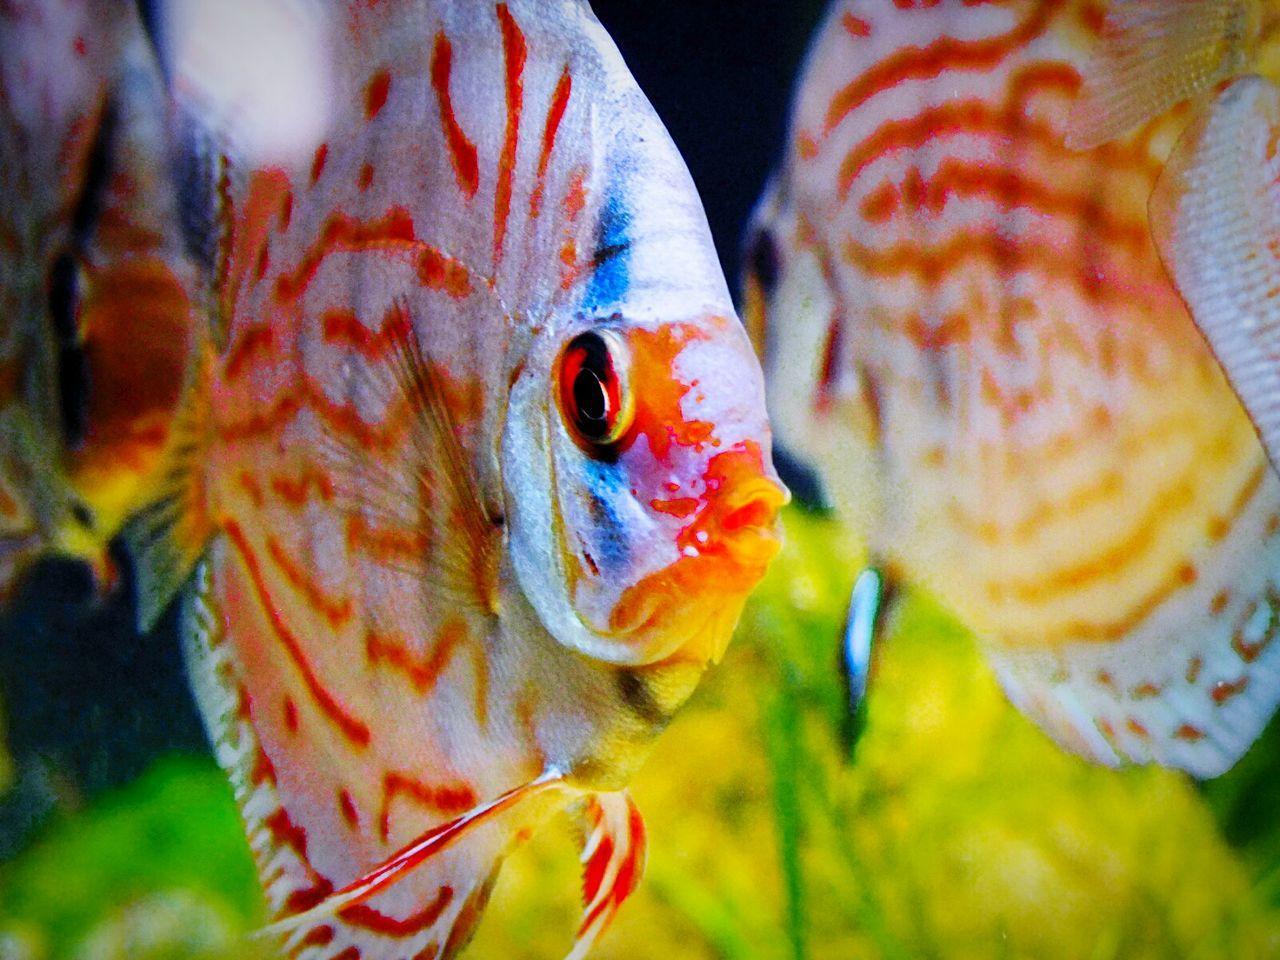 Aquarium Aquarium Life Aquariumfish Aquariumlife Aquarium Fish Aquarium! Aquariums Aquaristik Fish Fisch Fische Discus Fish Discusfish